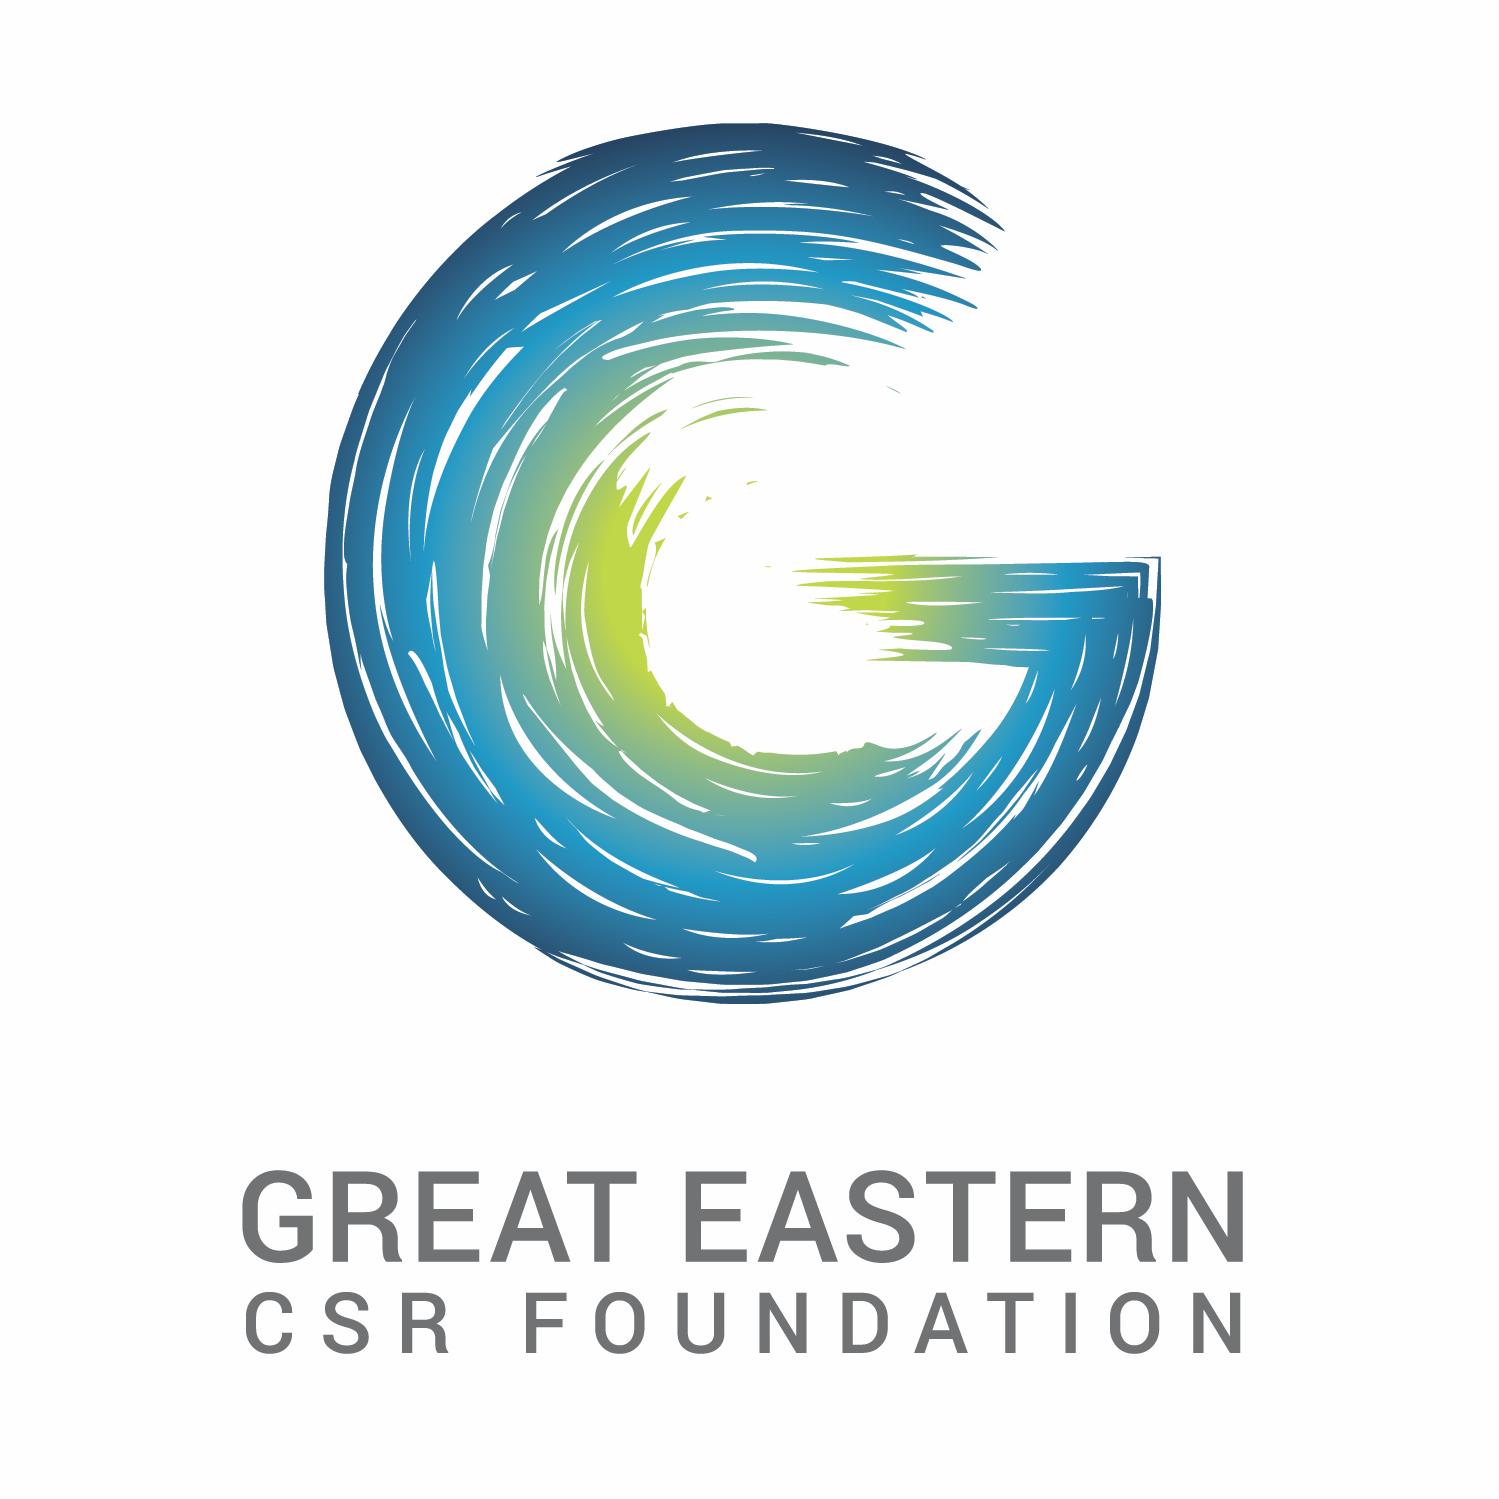 Great Eastern CSR Foundation